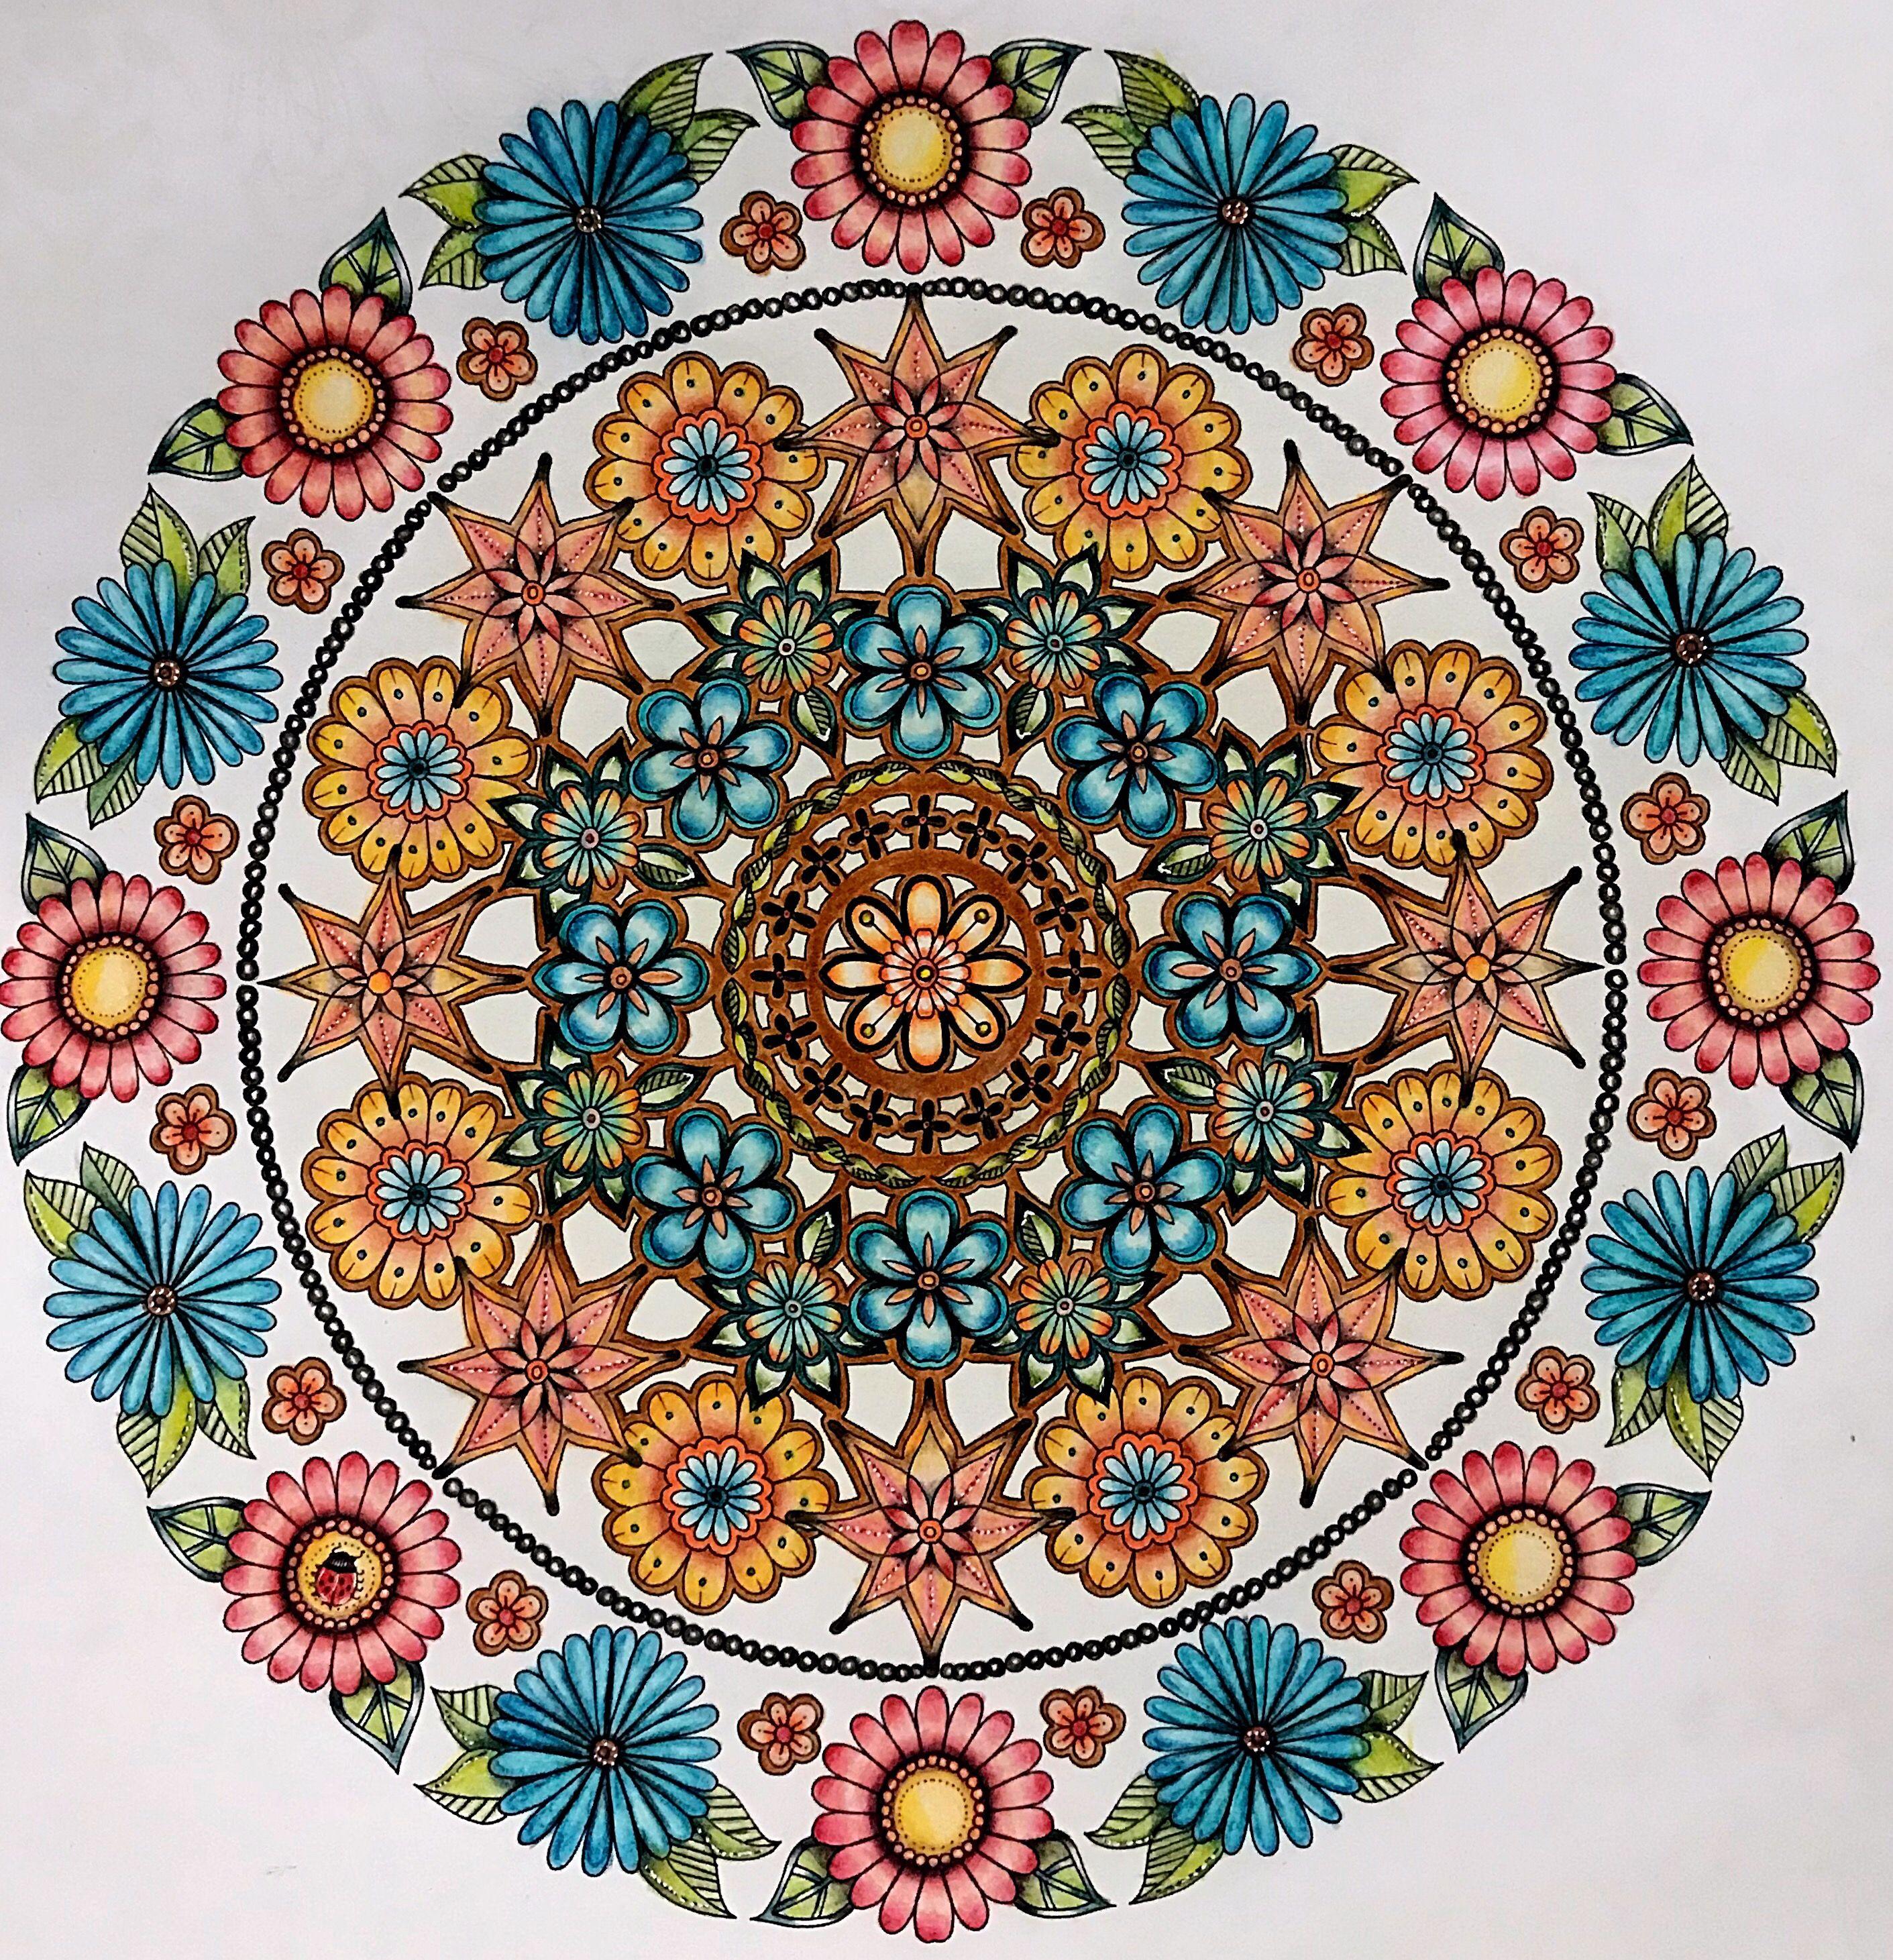 Таинственный сад Джаонна Бэсфорд | Раскраски, Рисунки, Работы